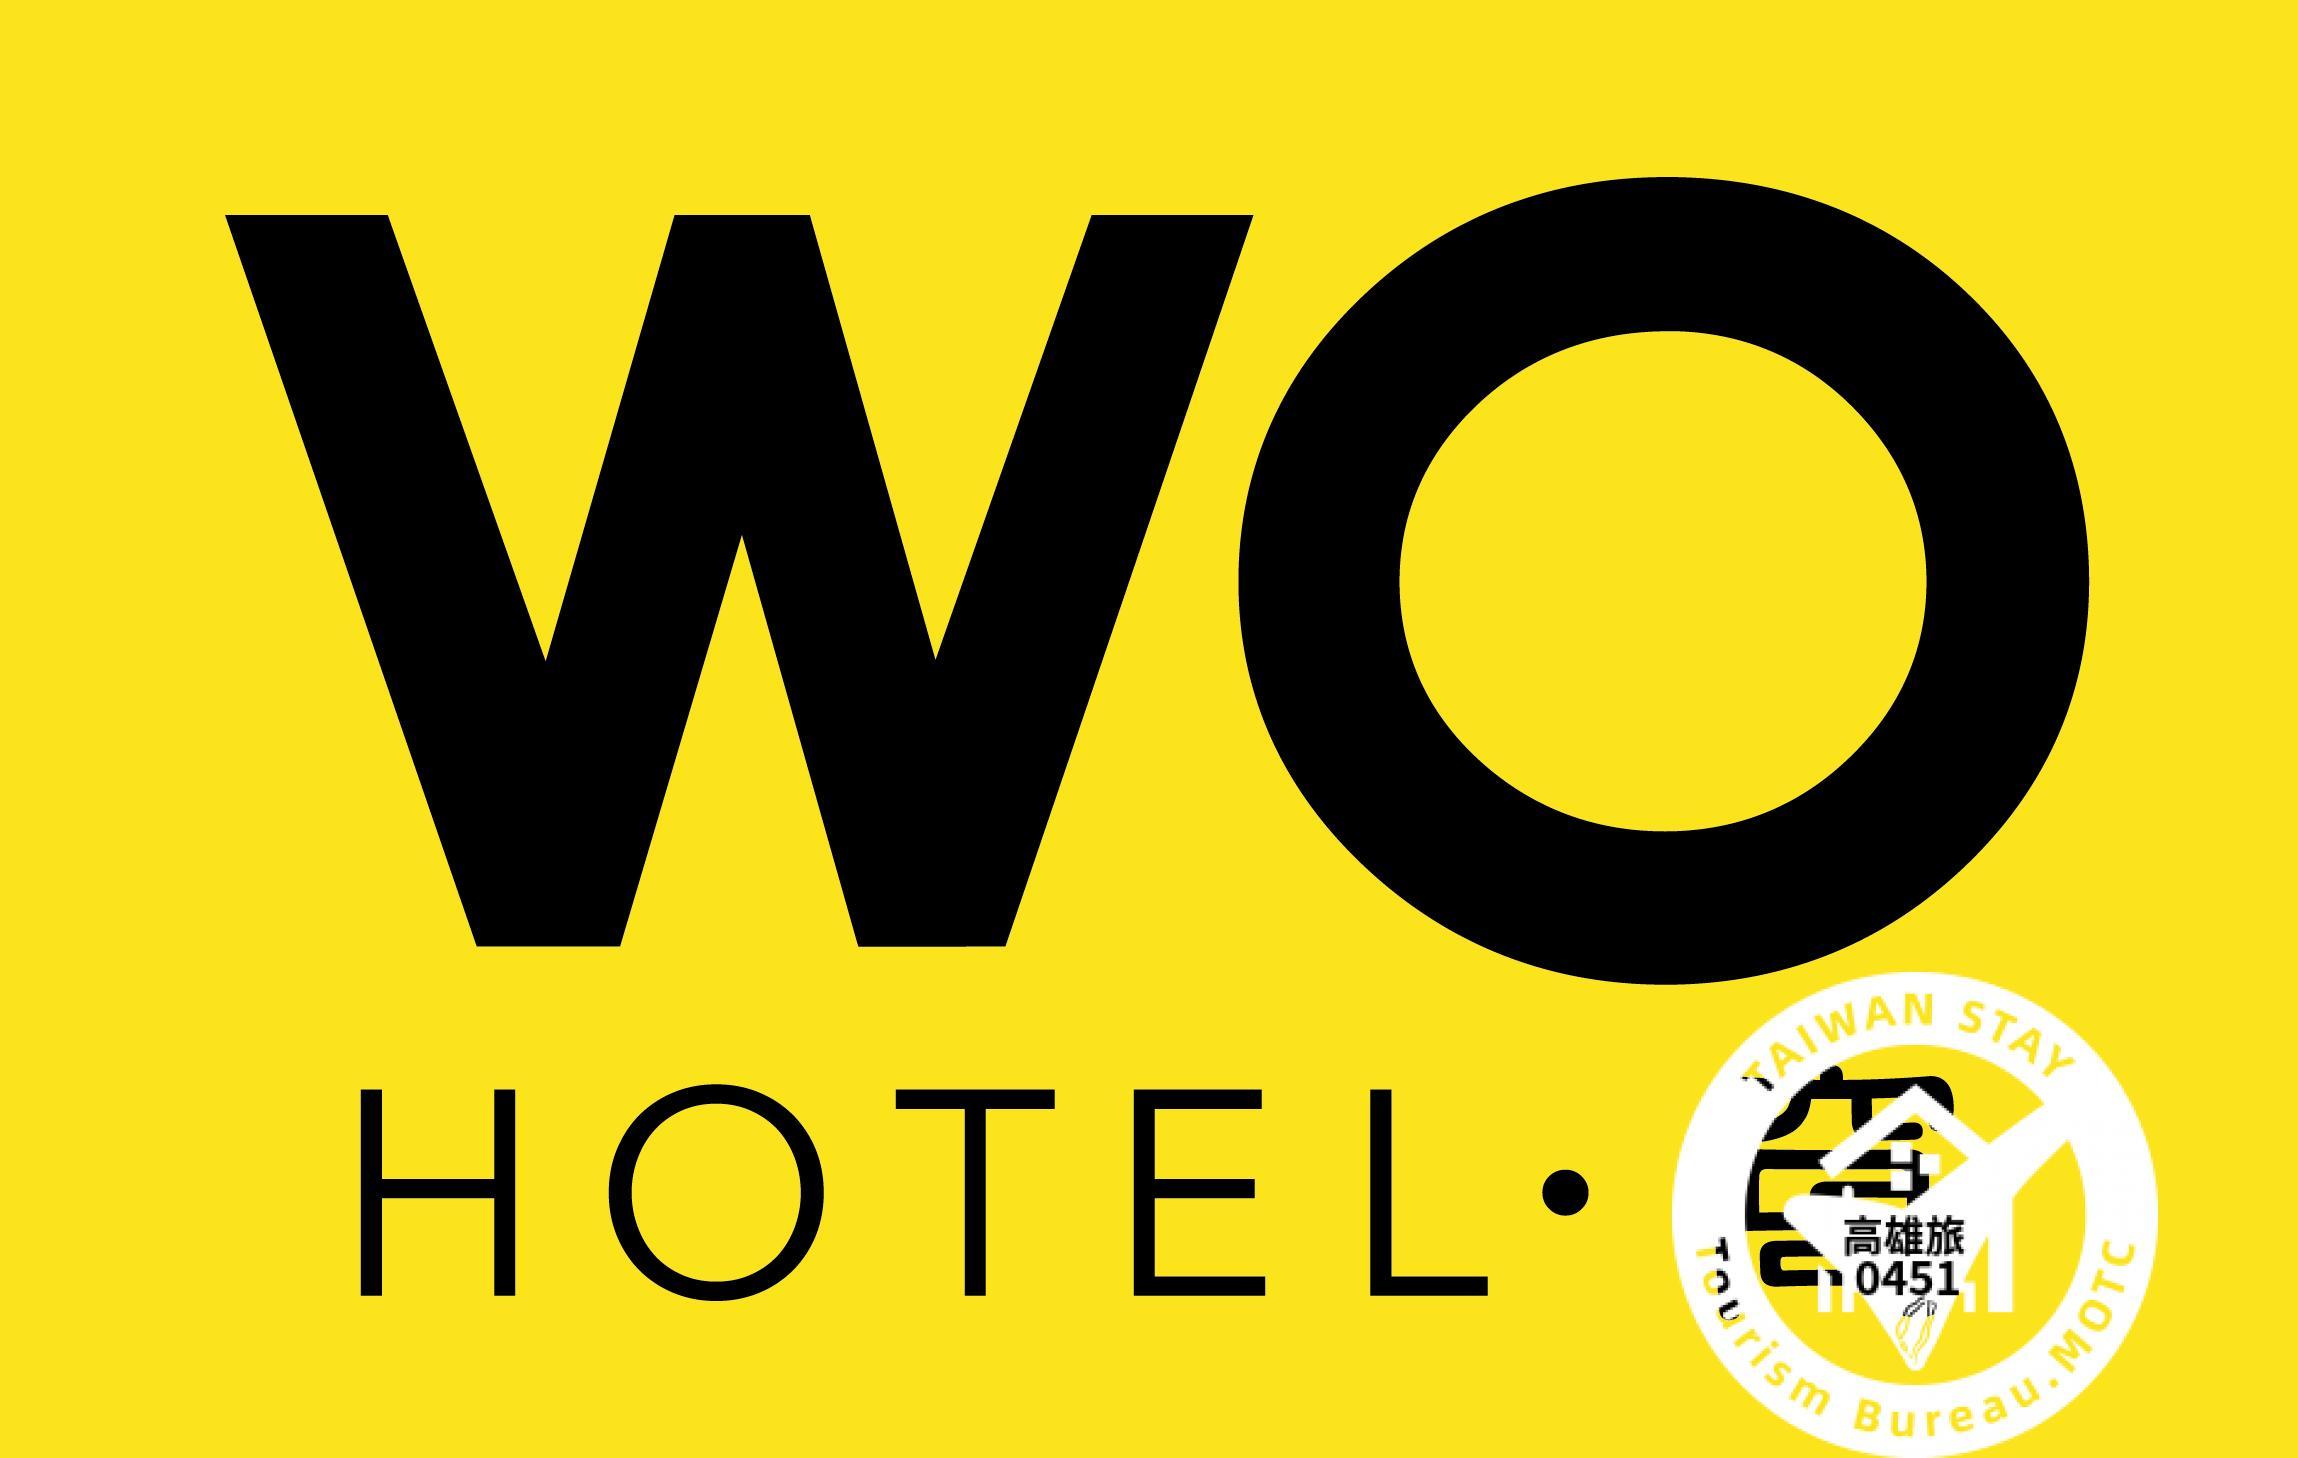 HOTEL WO 窩飯店